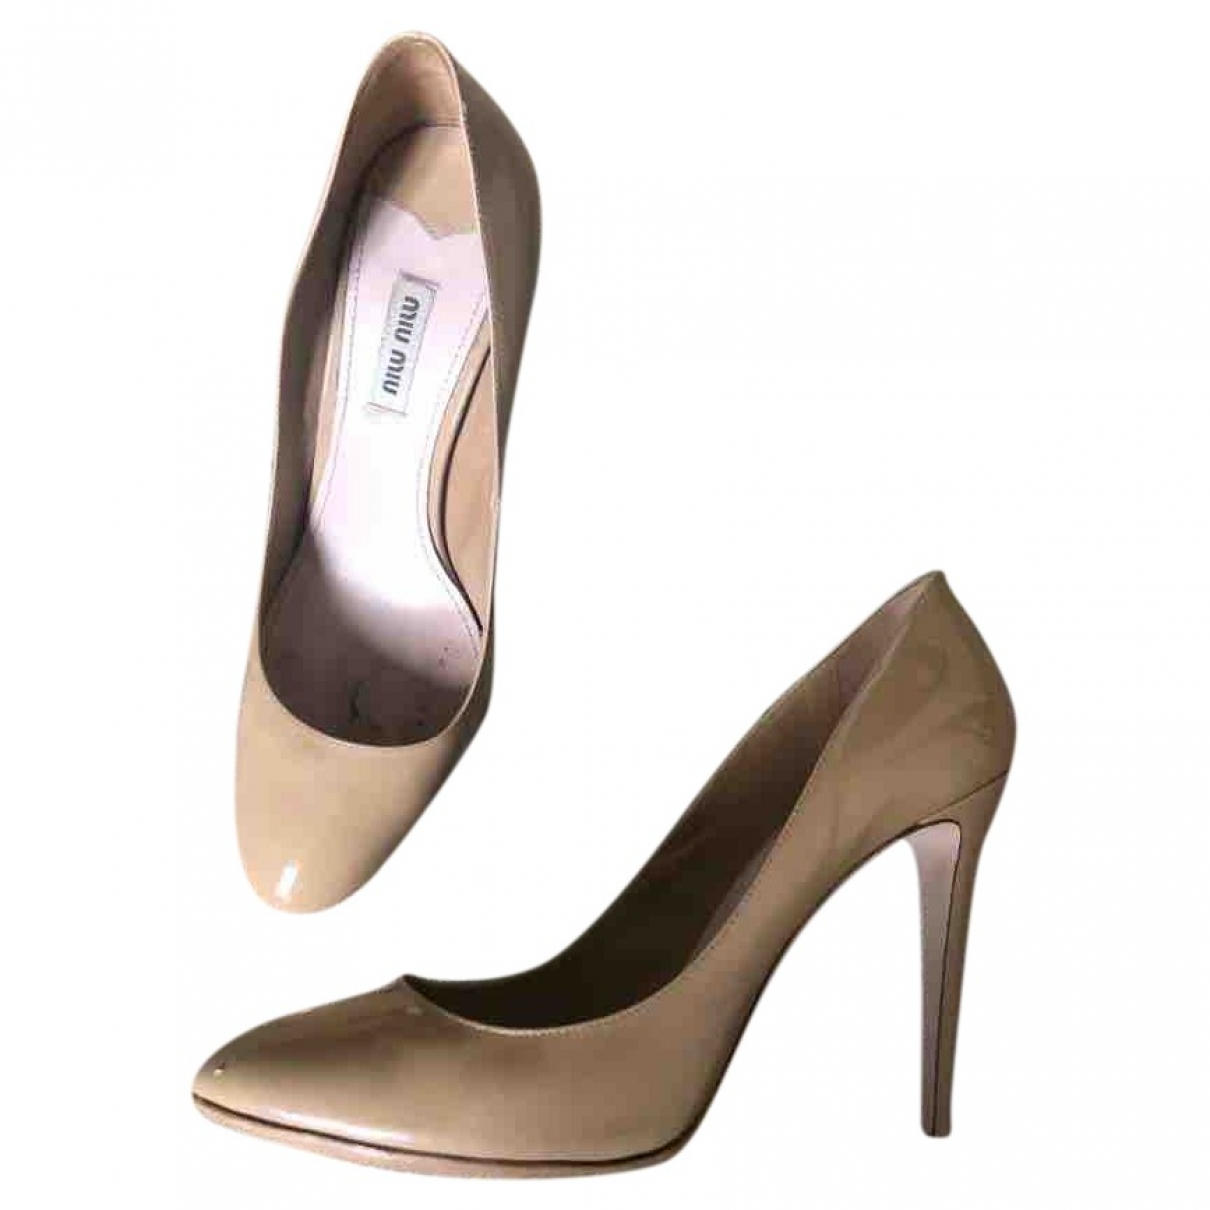 Miu Miu \N Beige Patent leather Heels for Women 39.5 EU